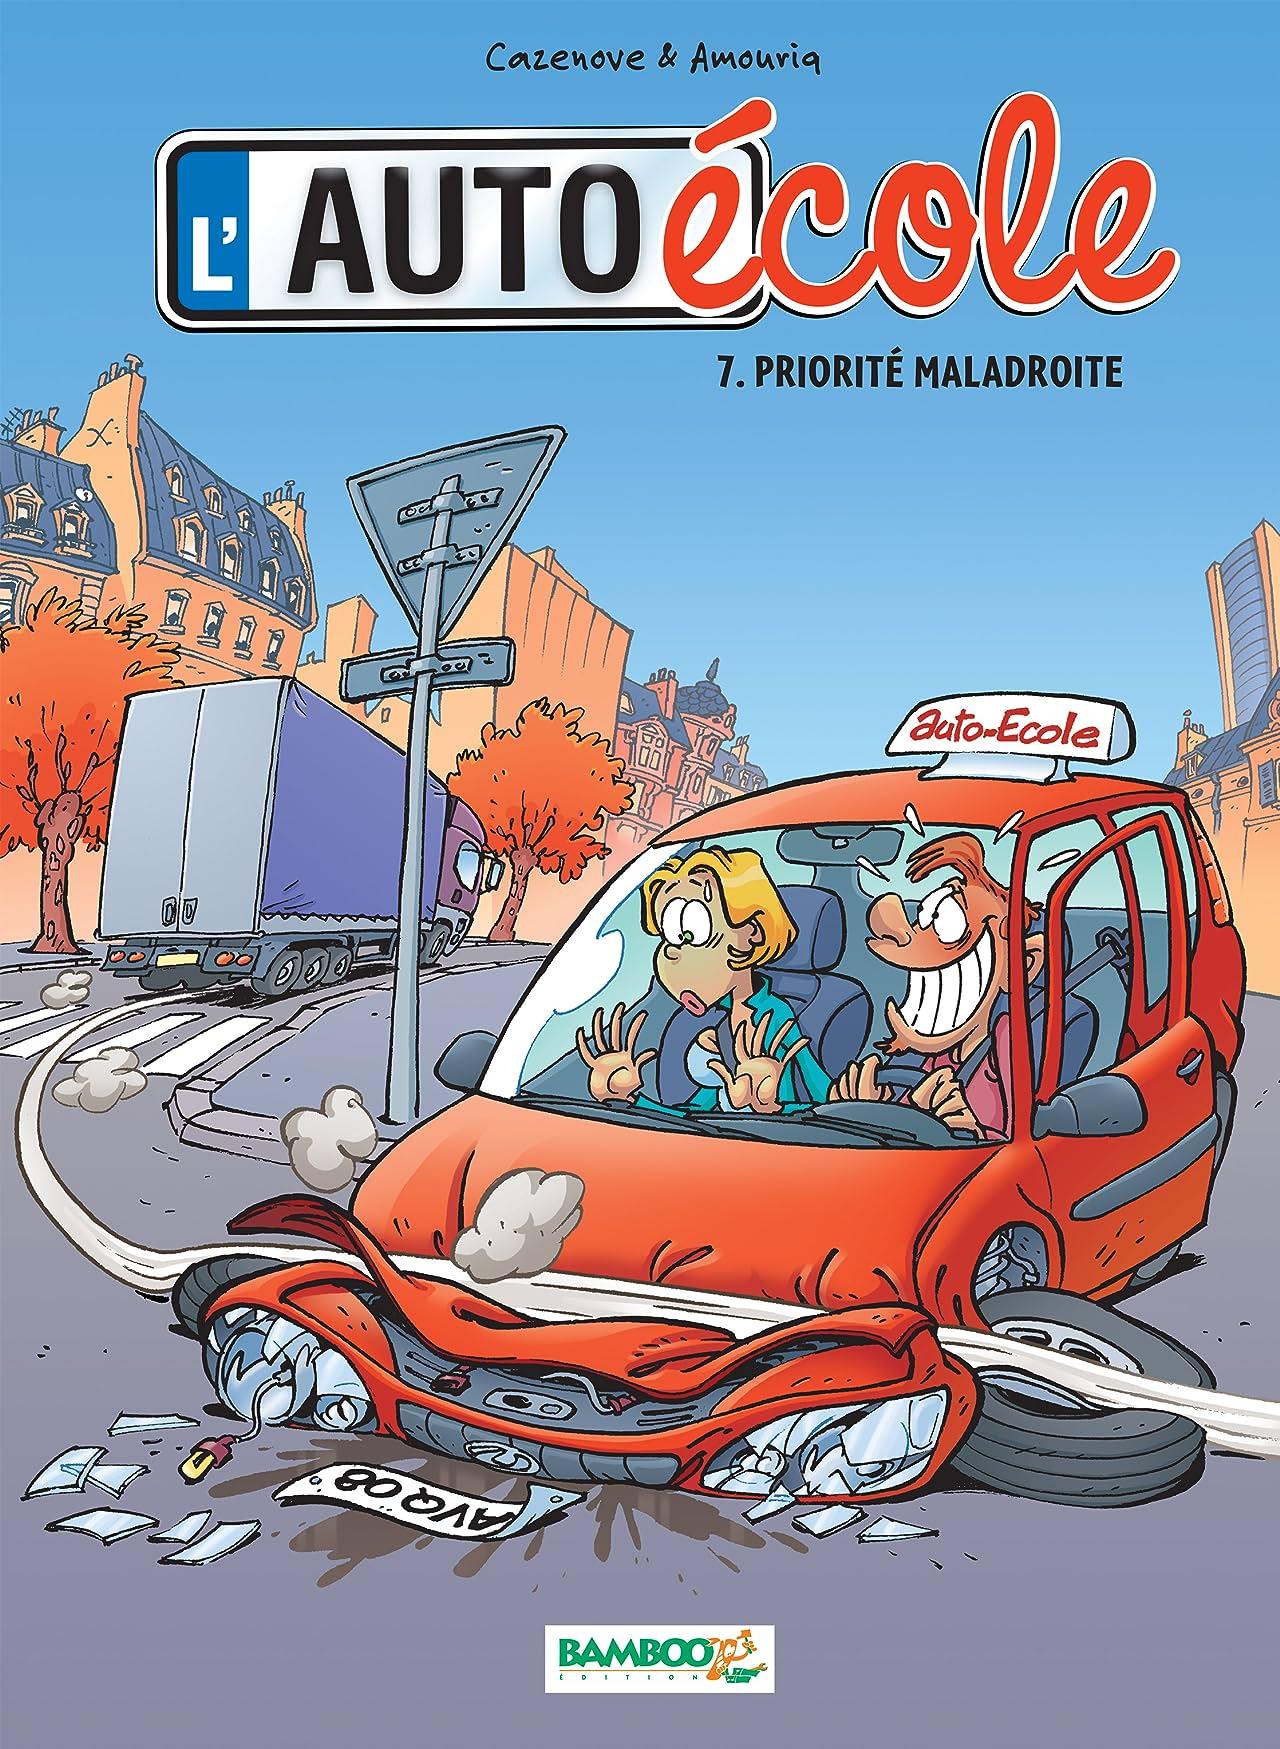 L'Auto-École Vol. 7: Priorité maladroite